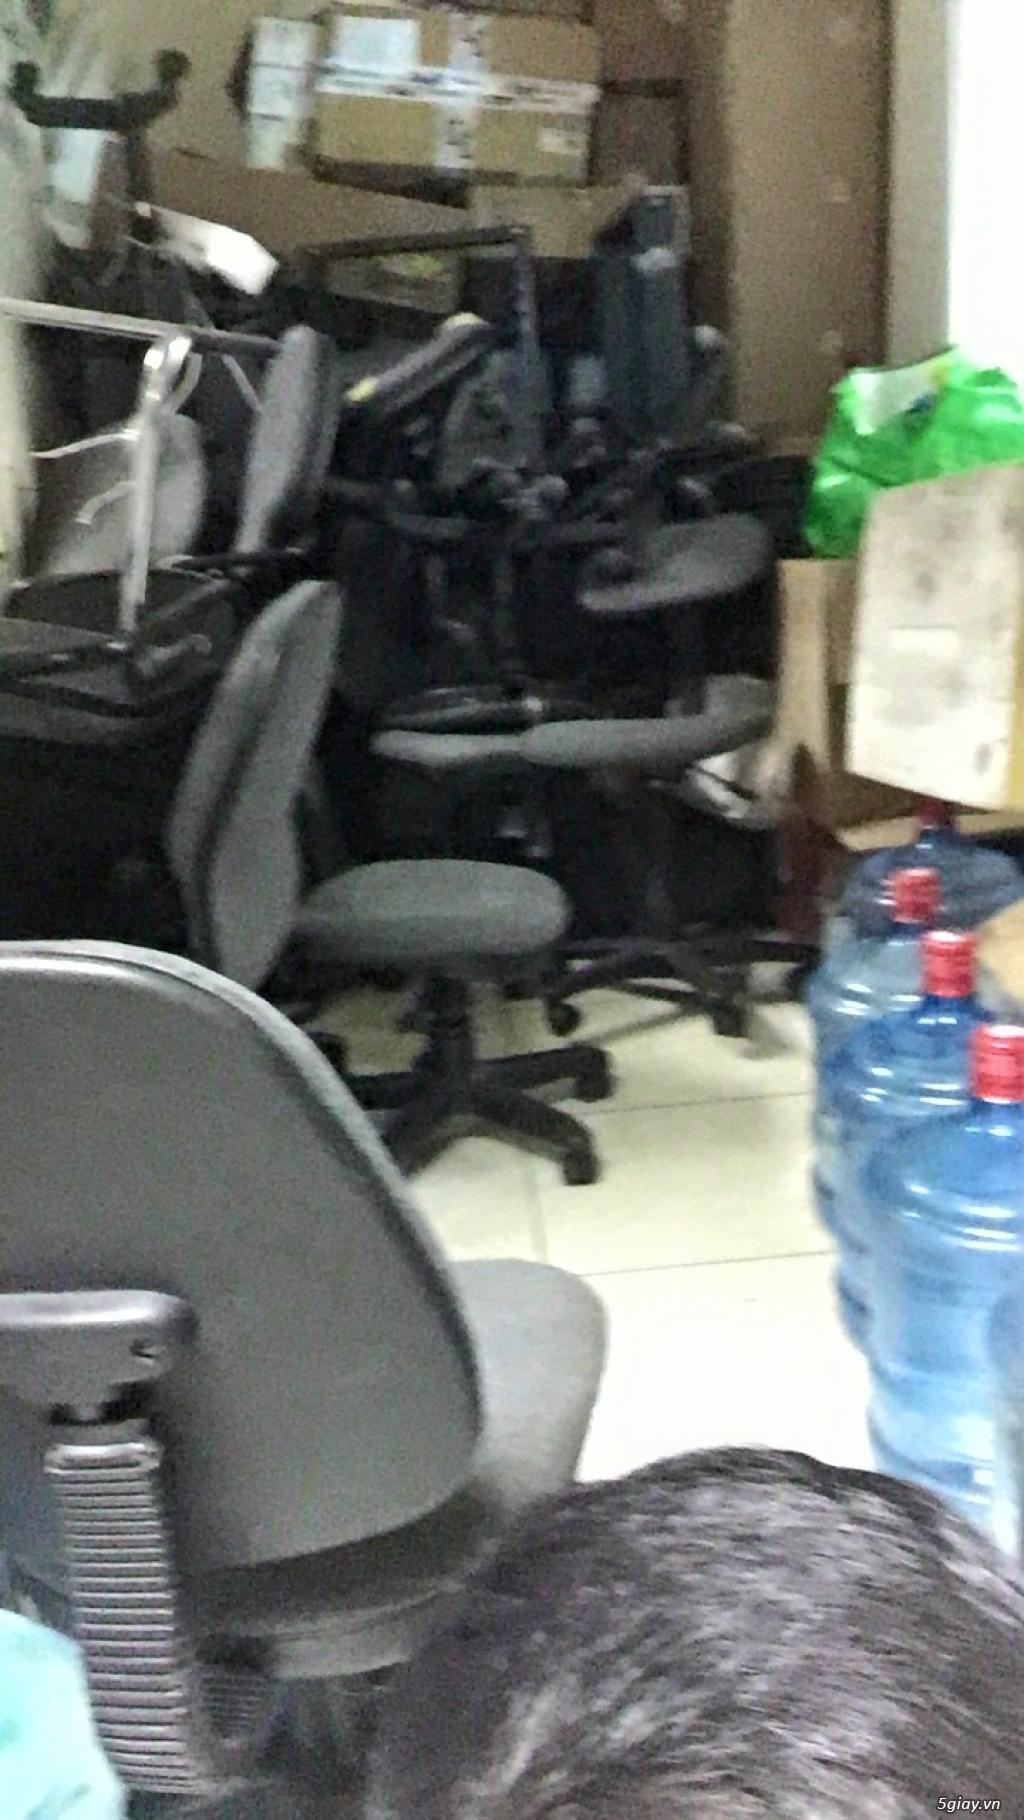 Sửa ghế văn phòng tận nơi